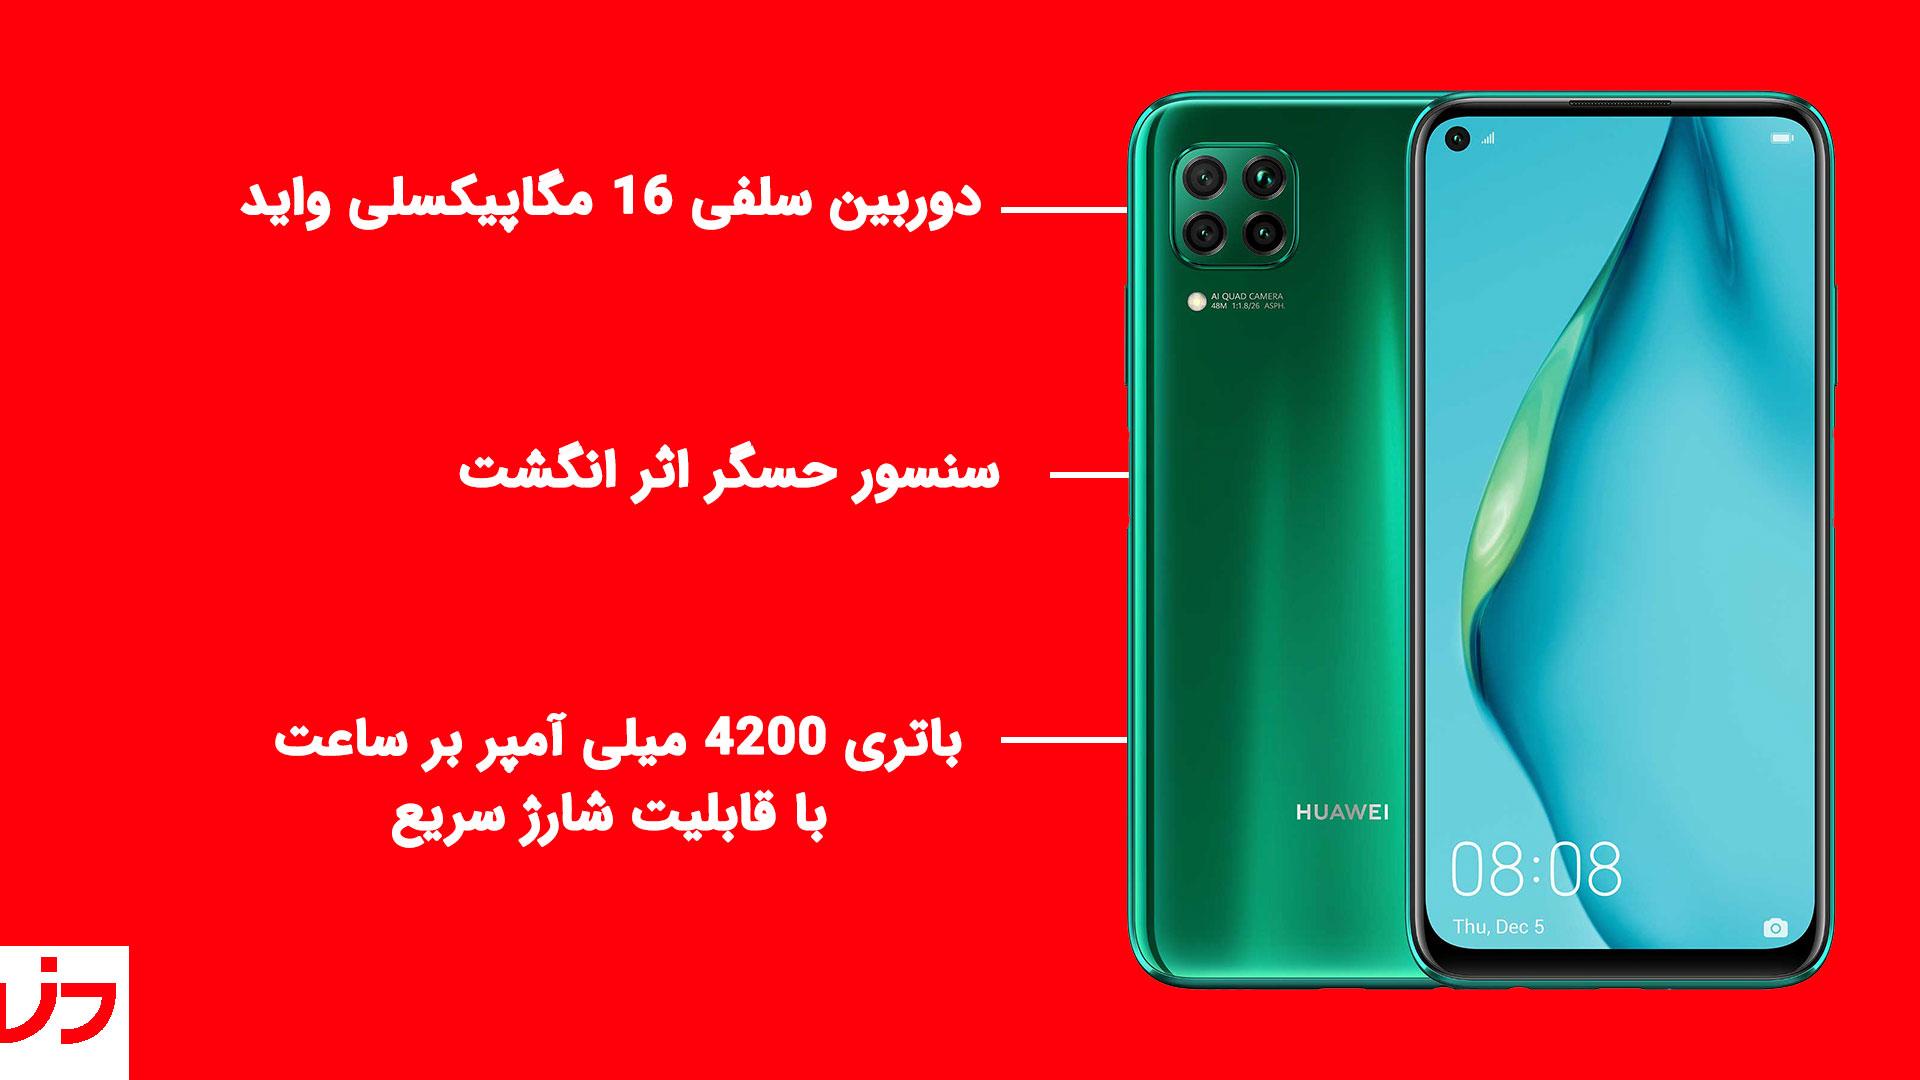 مشخصات گوشی Huawei Nova 7i - بررسی گوشی Huawei Nova 7i - گوشی هوآوی Nova 7i